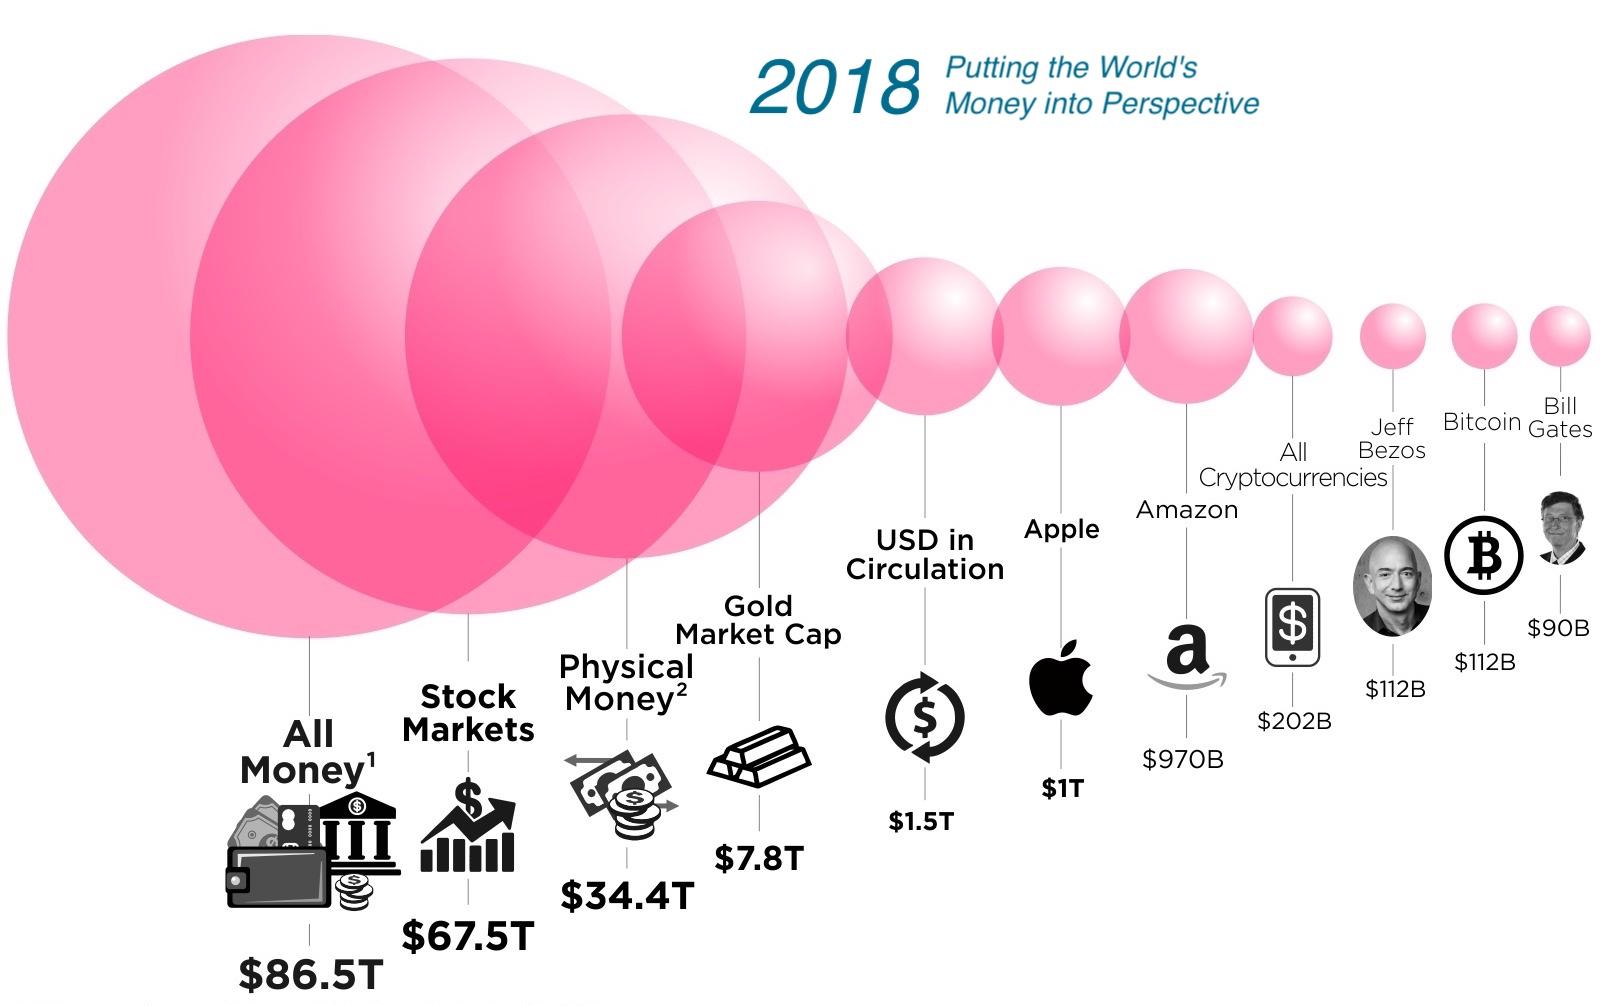 сравнение объемов стоимости - 2018